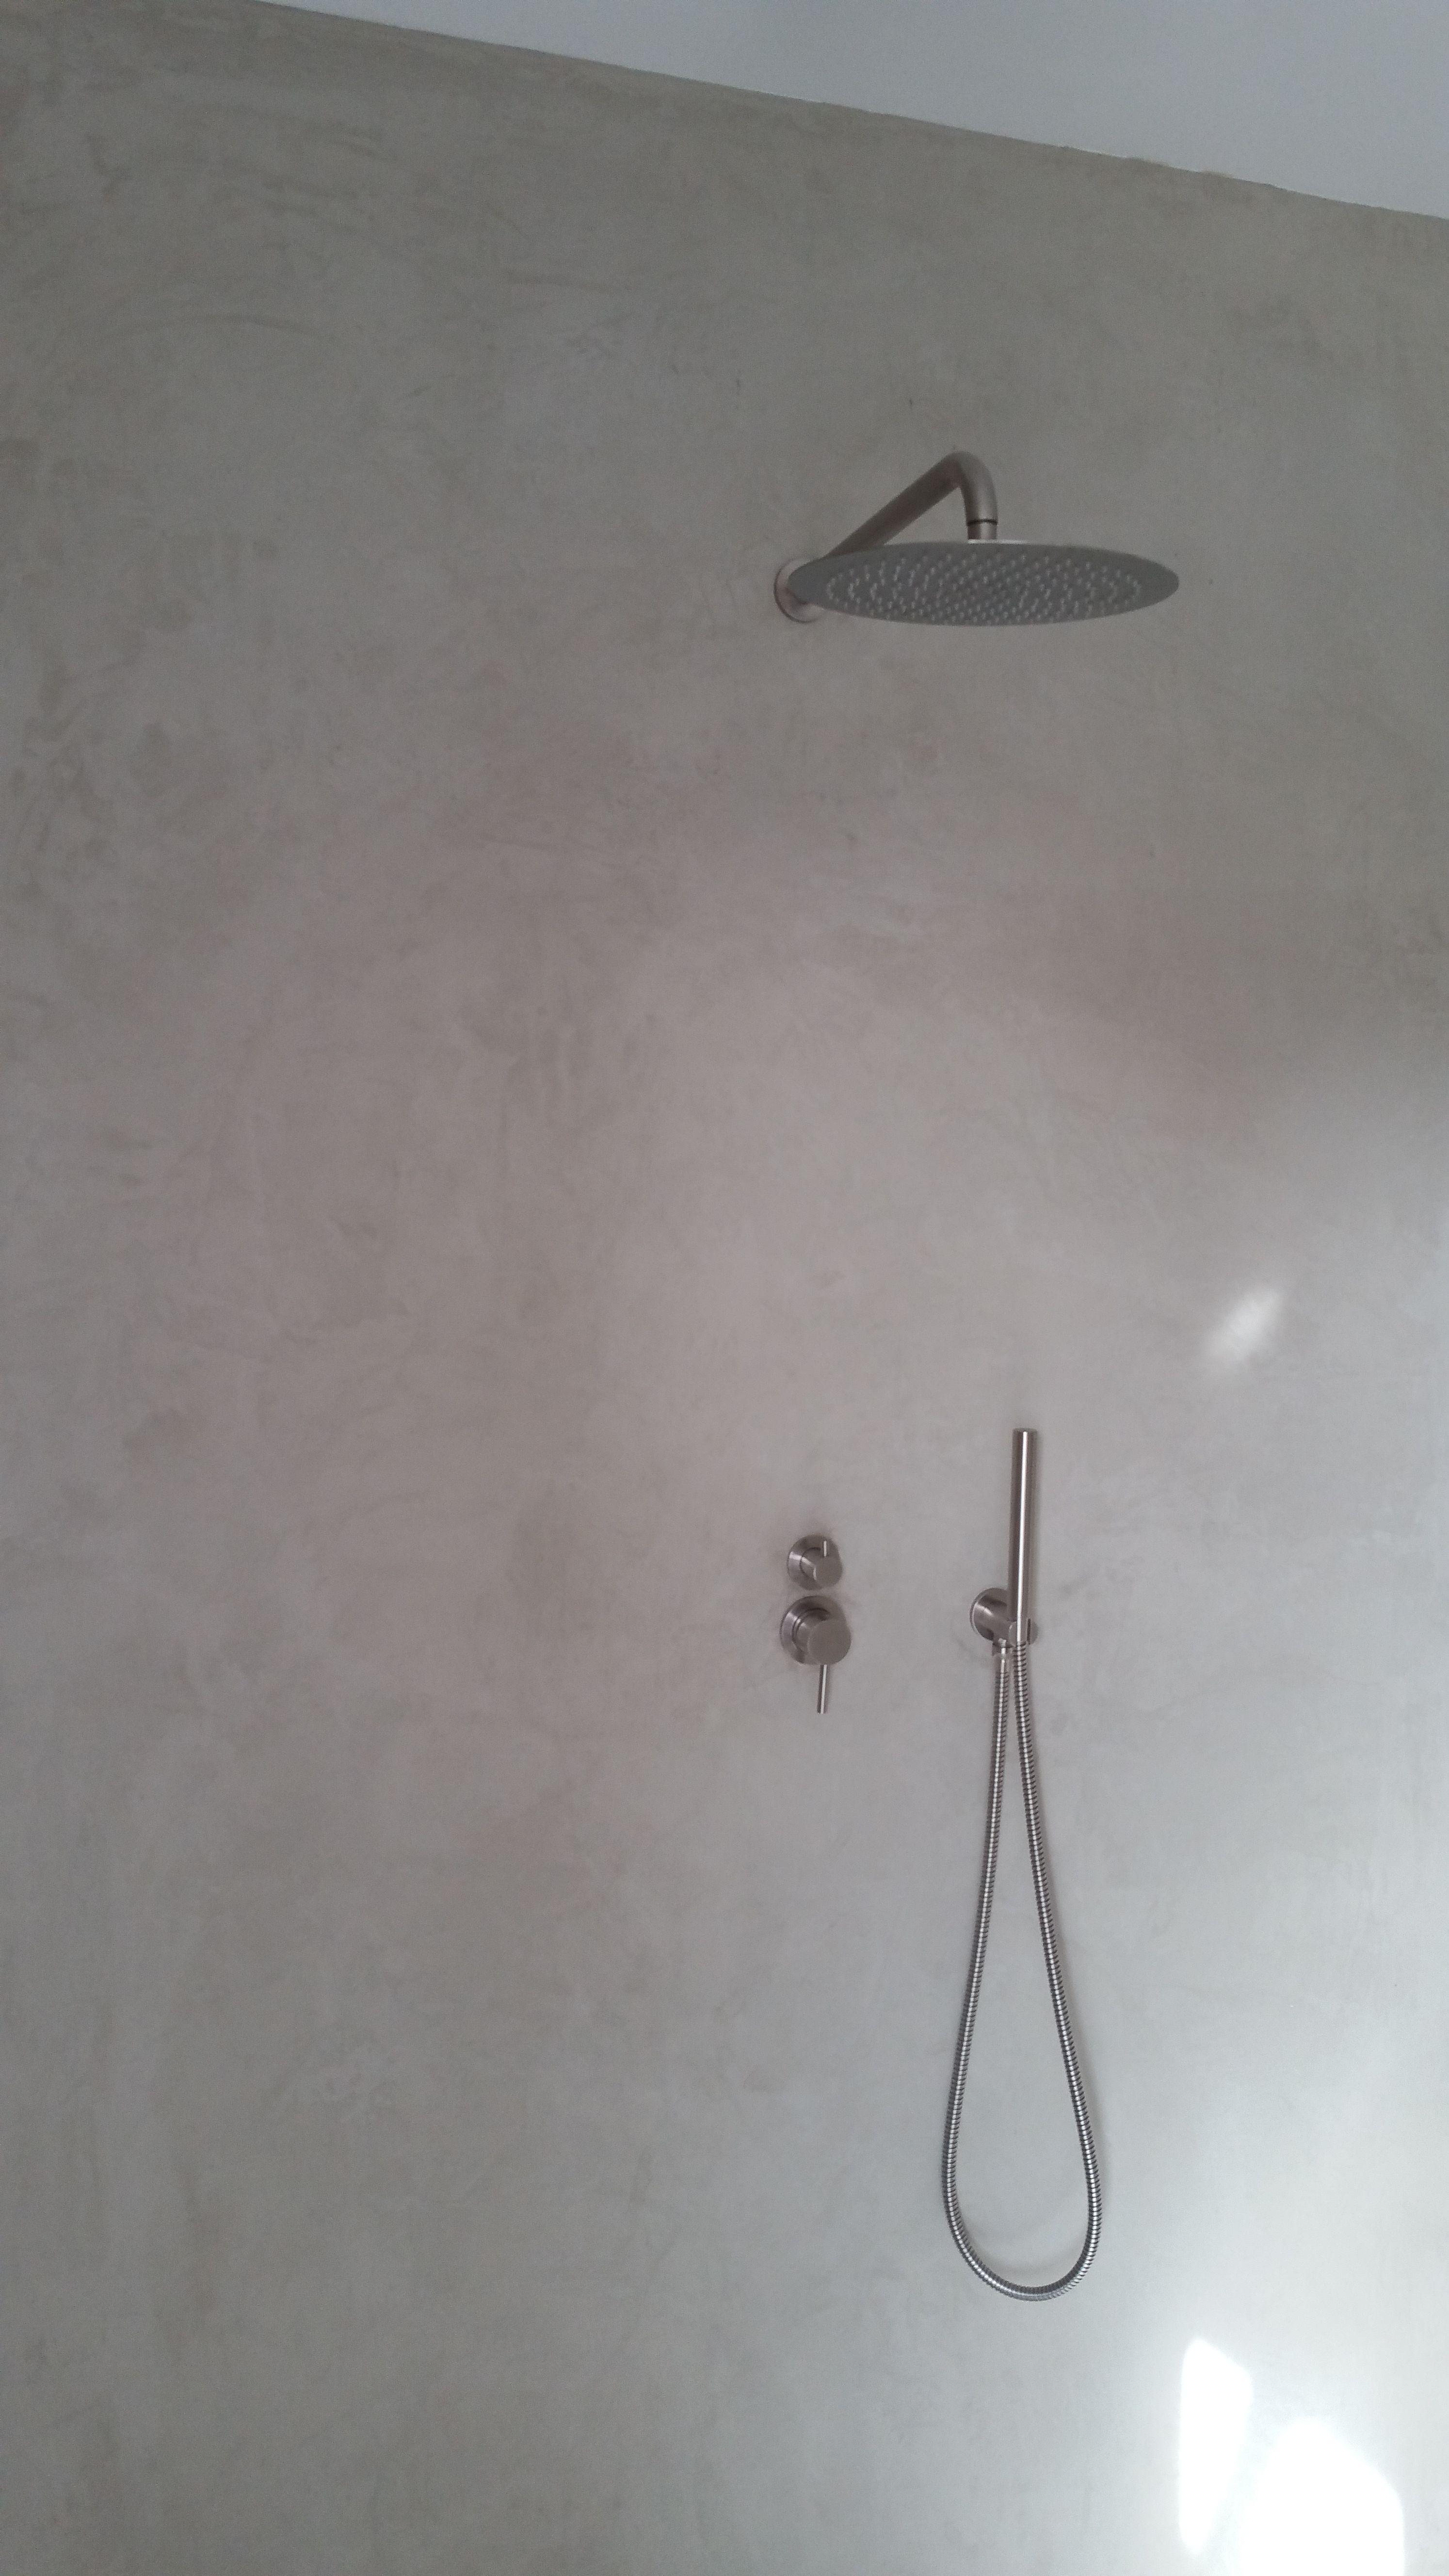 mikrozement - bad ohne fliesen sogar im duschbereich. auf der, Wohnzimmer dekoo